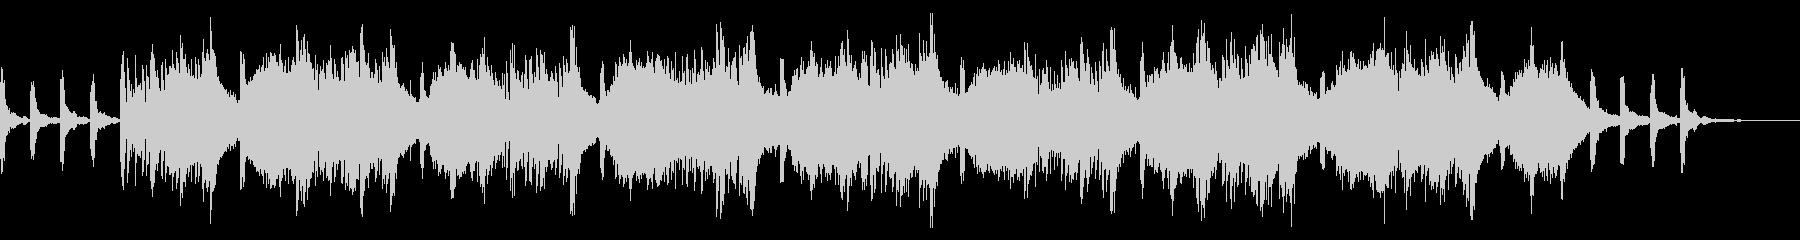 Superluminalの未再生の波形